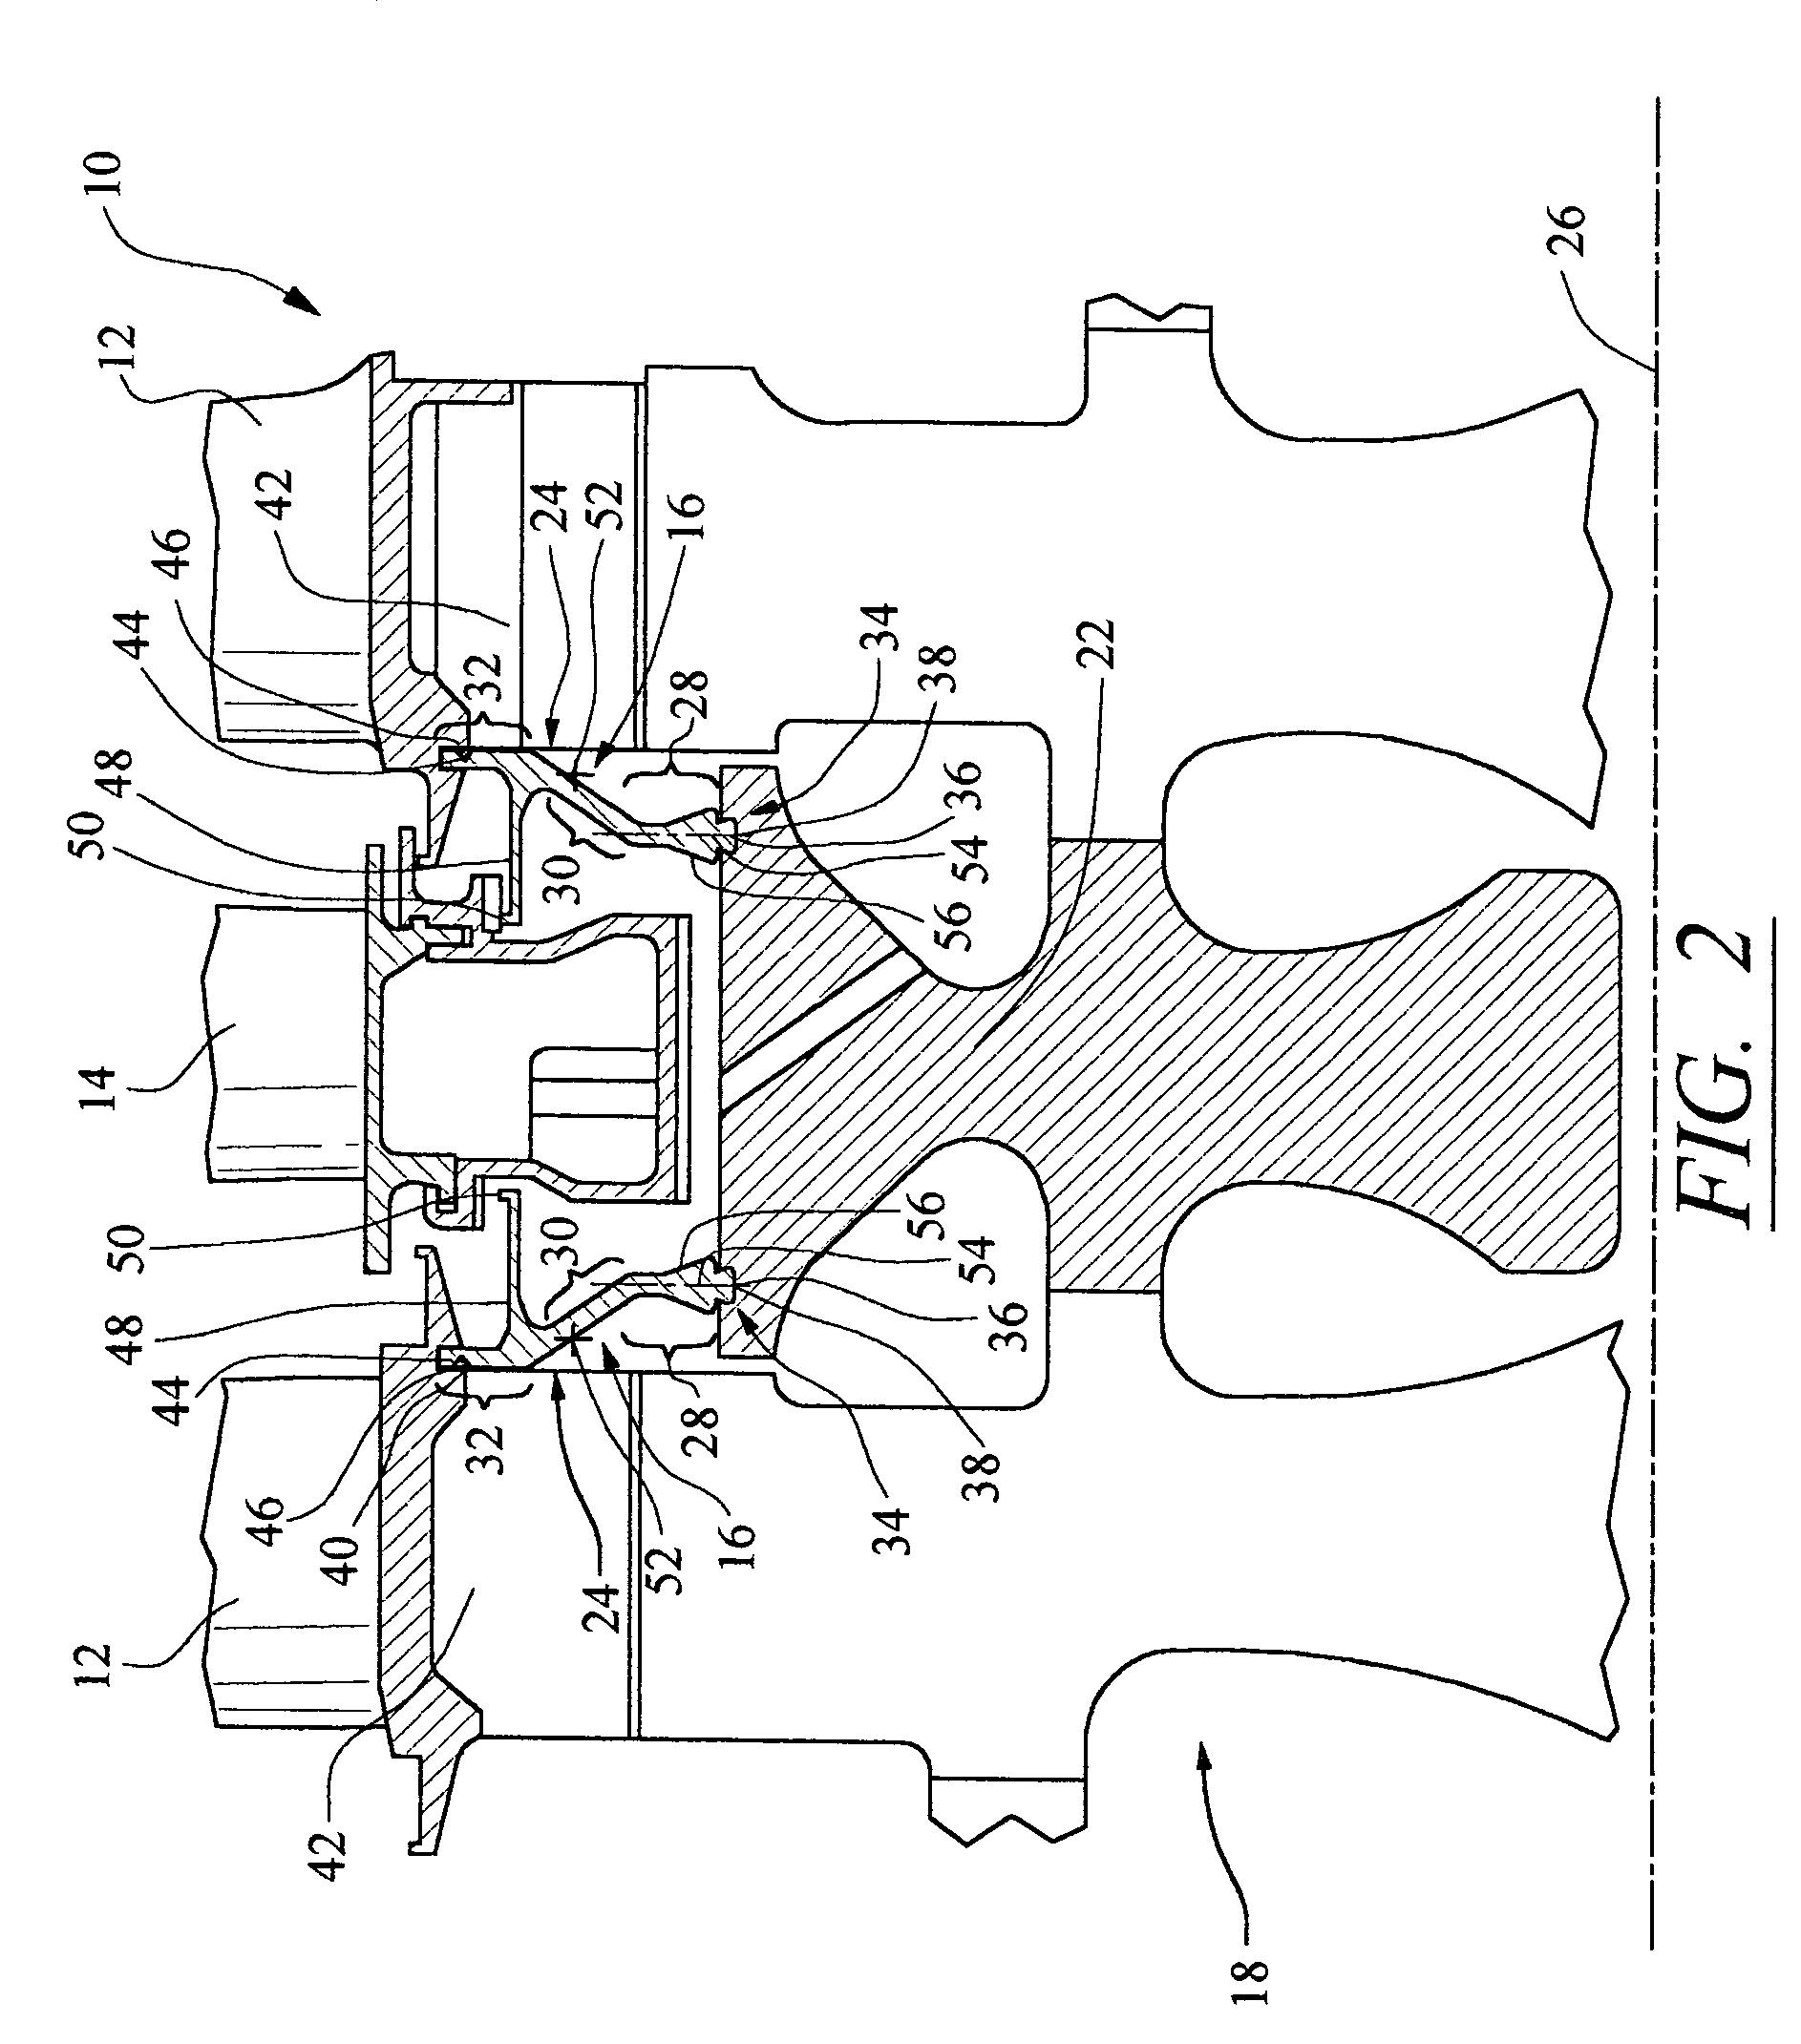 2003 Ford Taurus Spark Plug Wiring Diagram